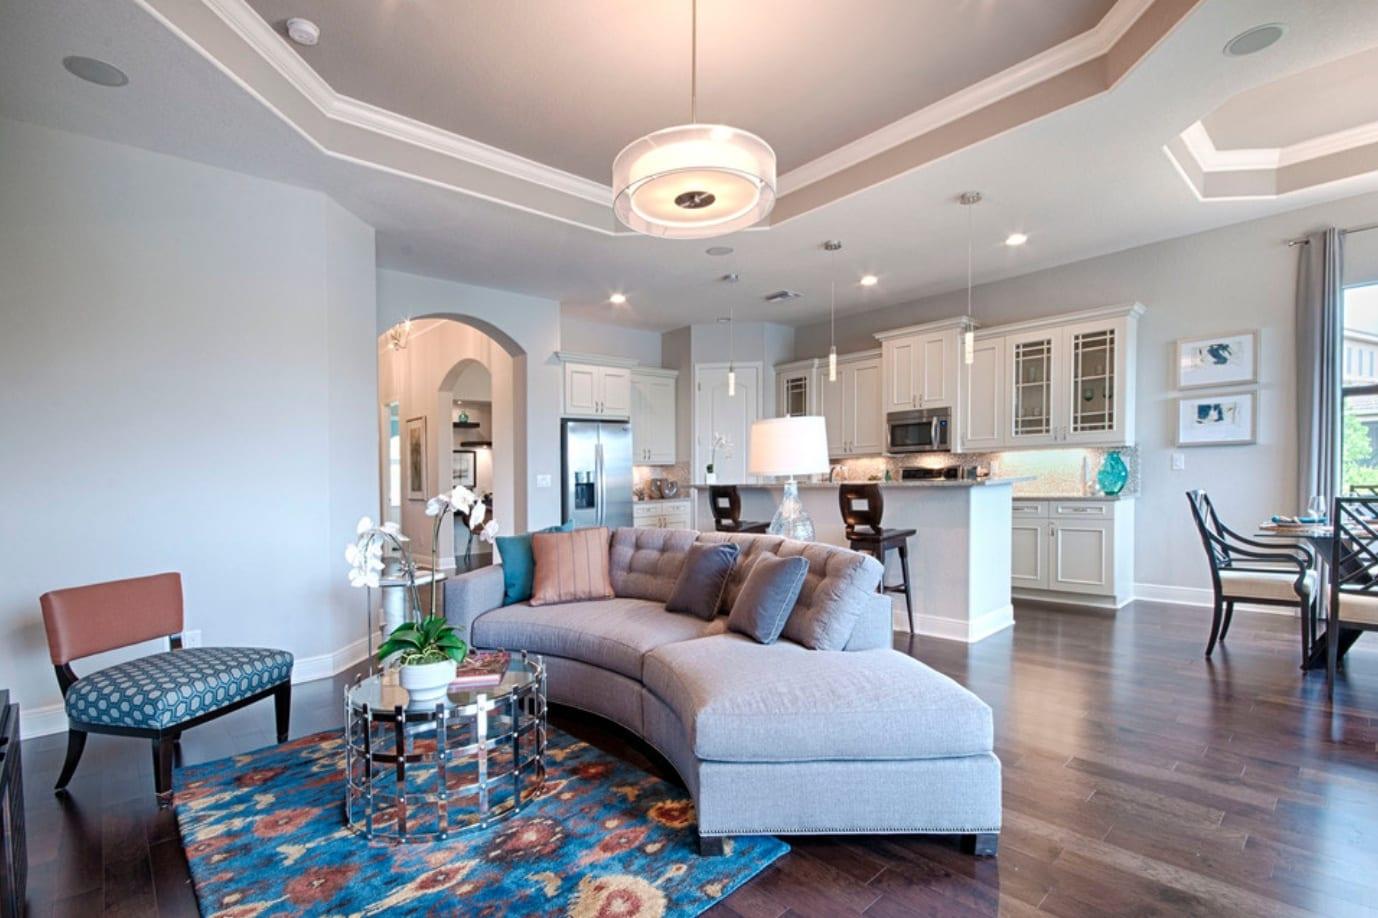 Двухуровневые натяжные потолки в гостиную 50 фото идеи-2020 оформления двухуровневых потолоков для зала двух уровненные модели в стиле классика в квартире